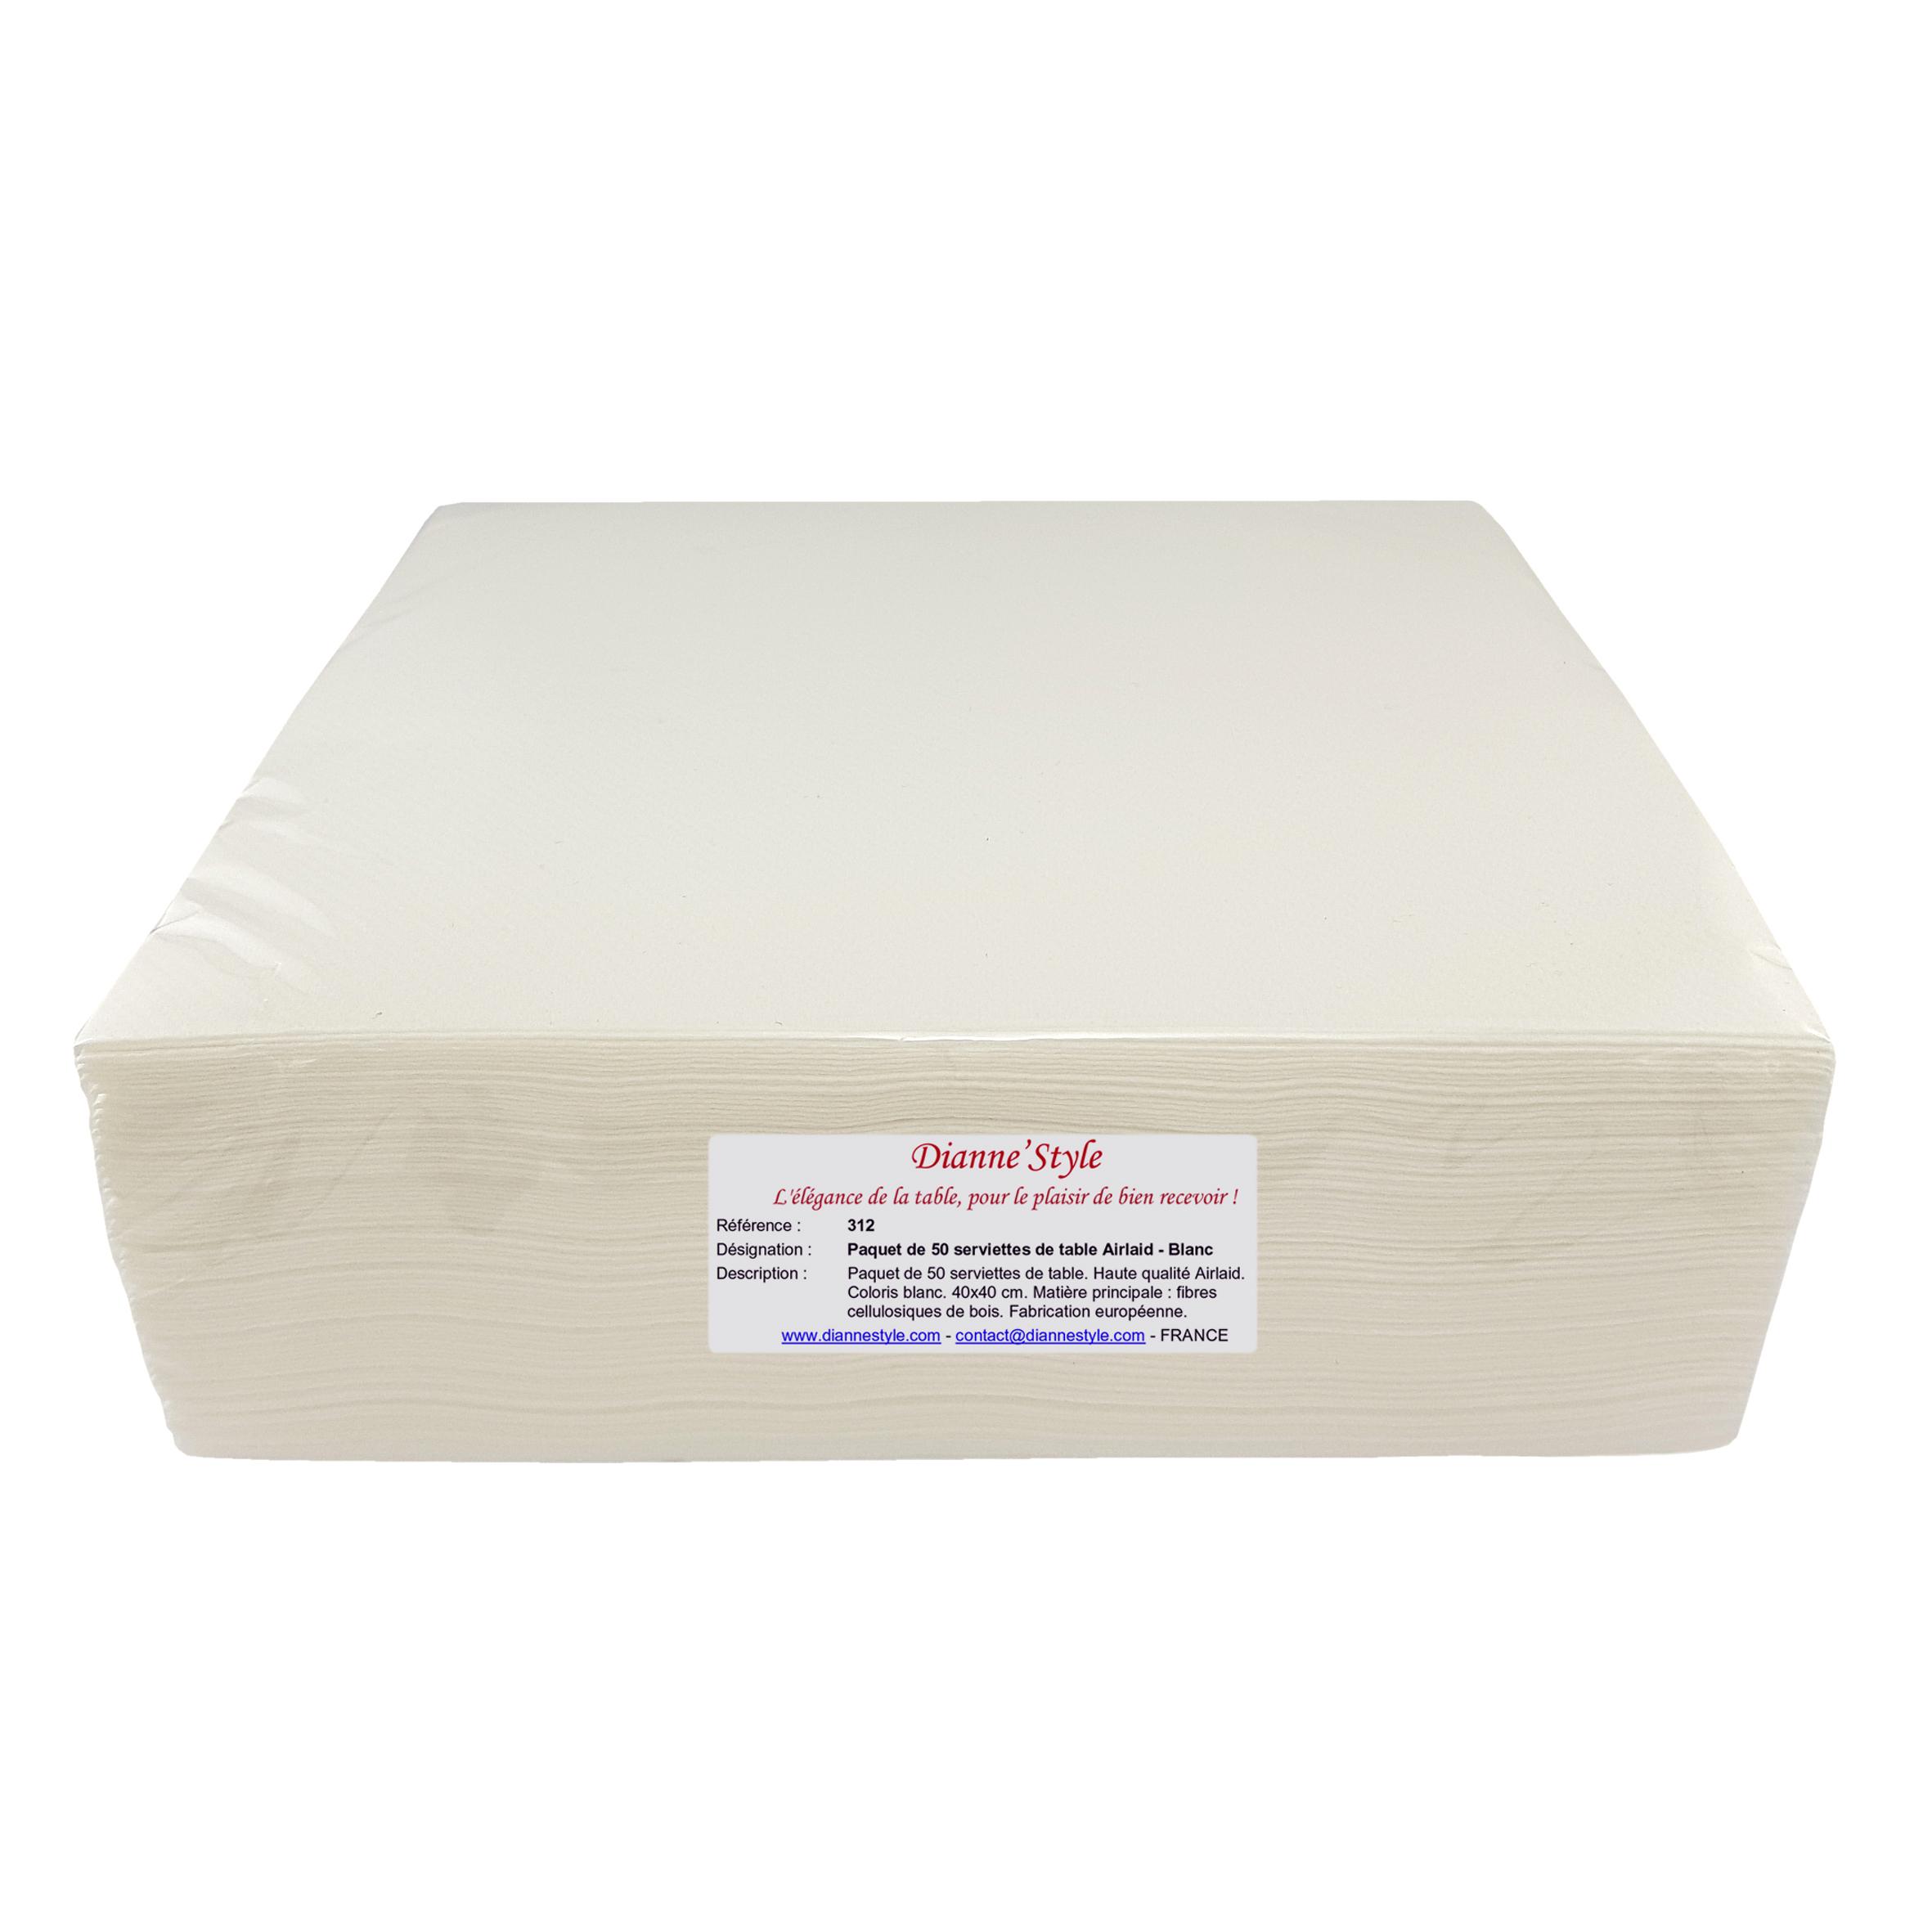 Paquet de 50 serviettes de table Airlaid - Blanc. Réf. 312